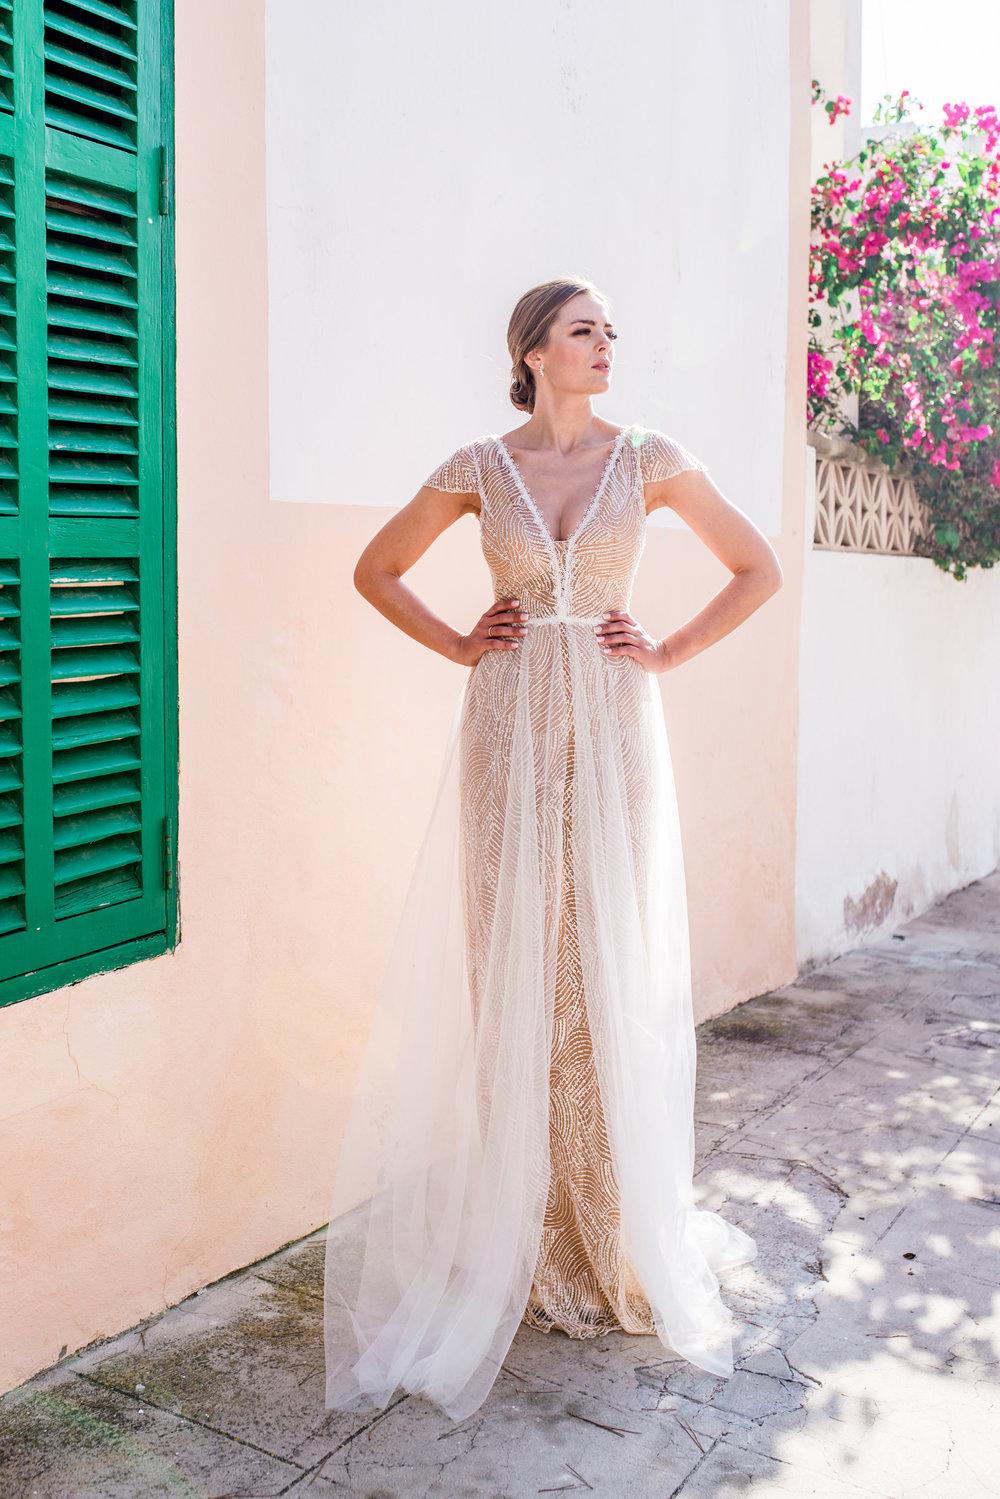 charlene - ausgefallenes brautkleid im 20er-jahre-stil